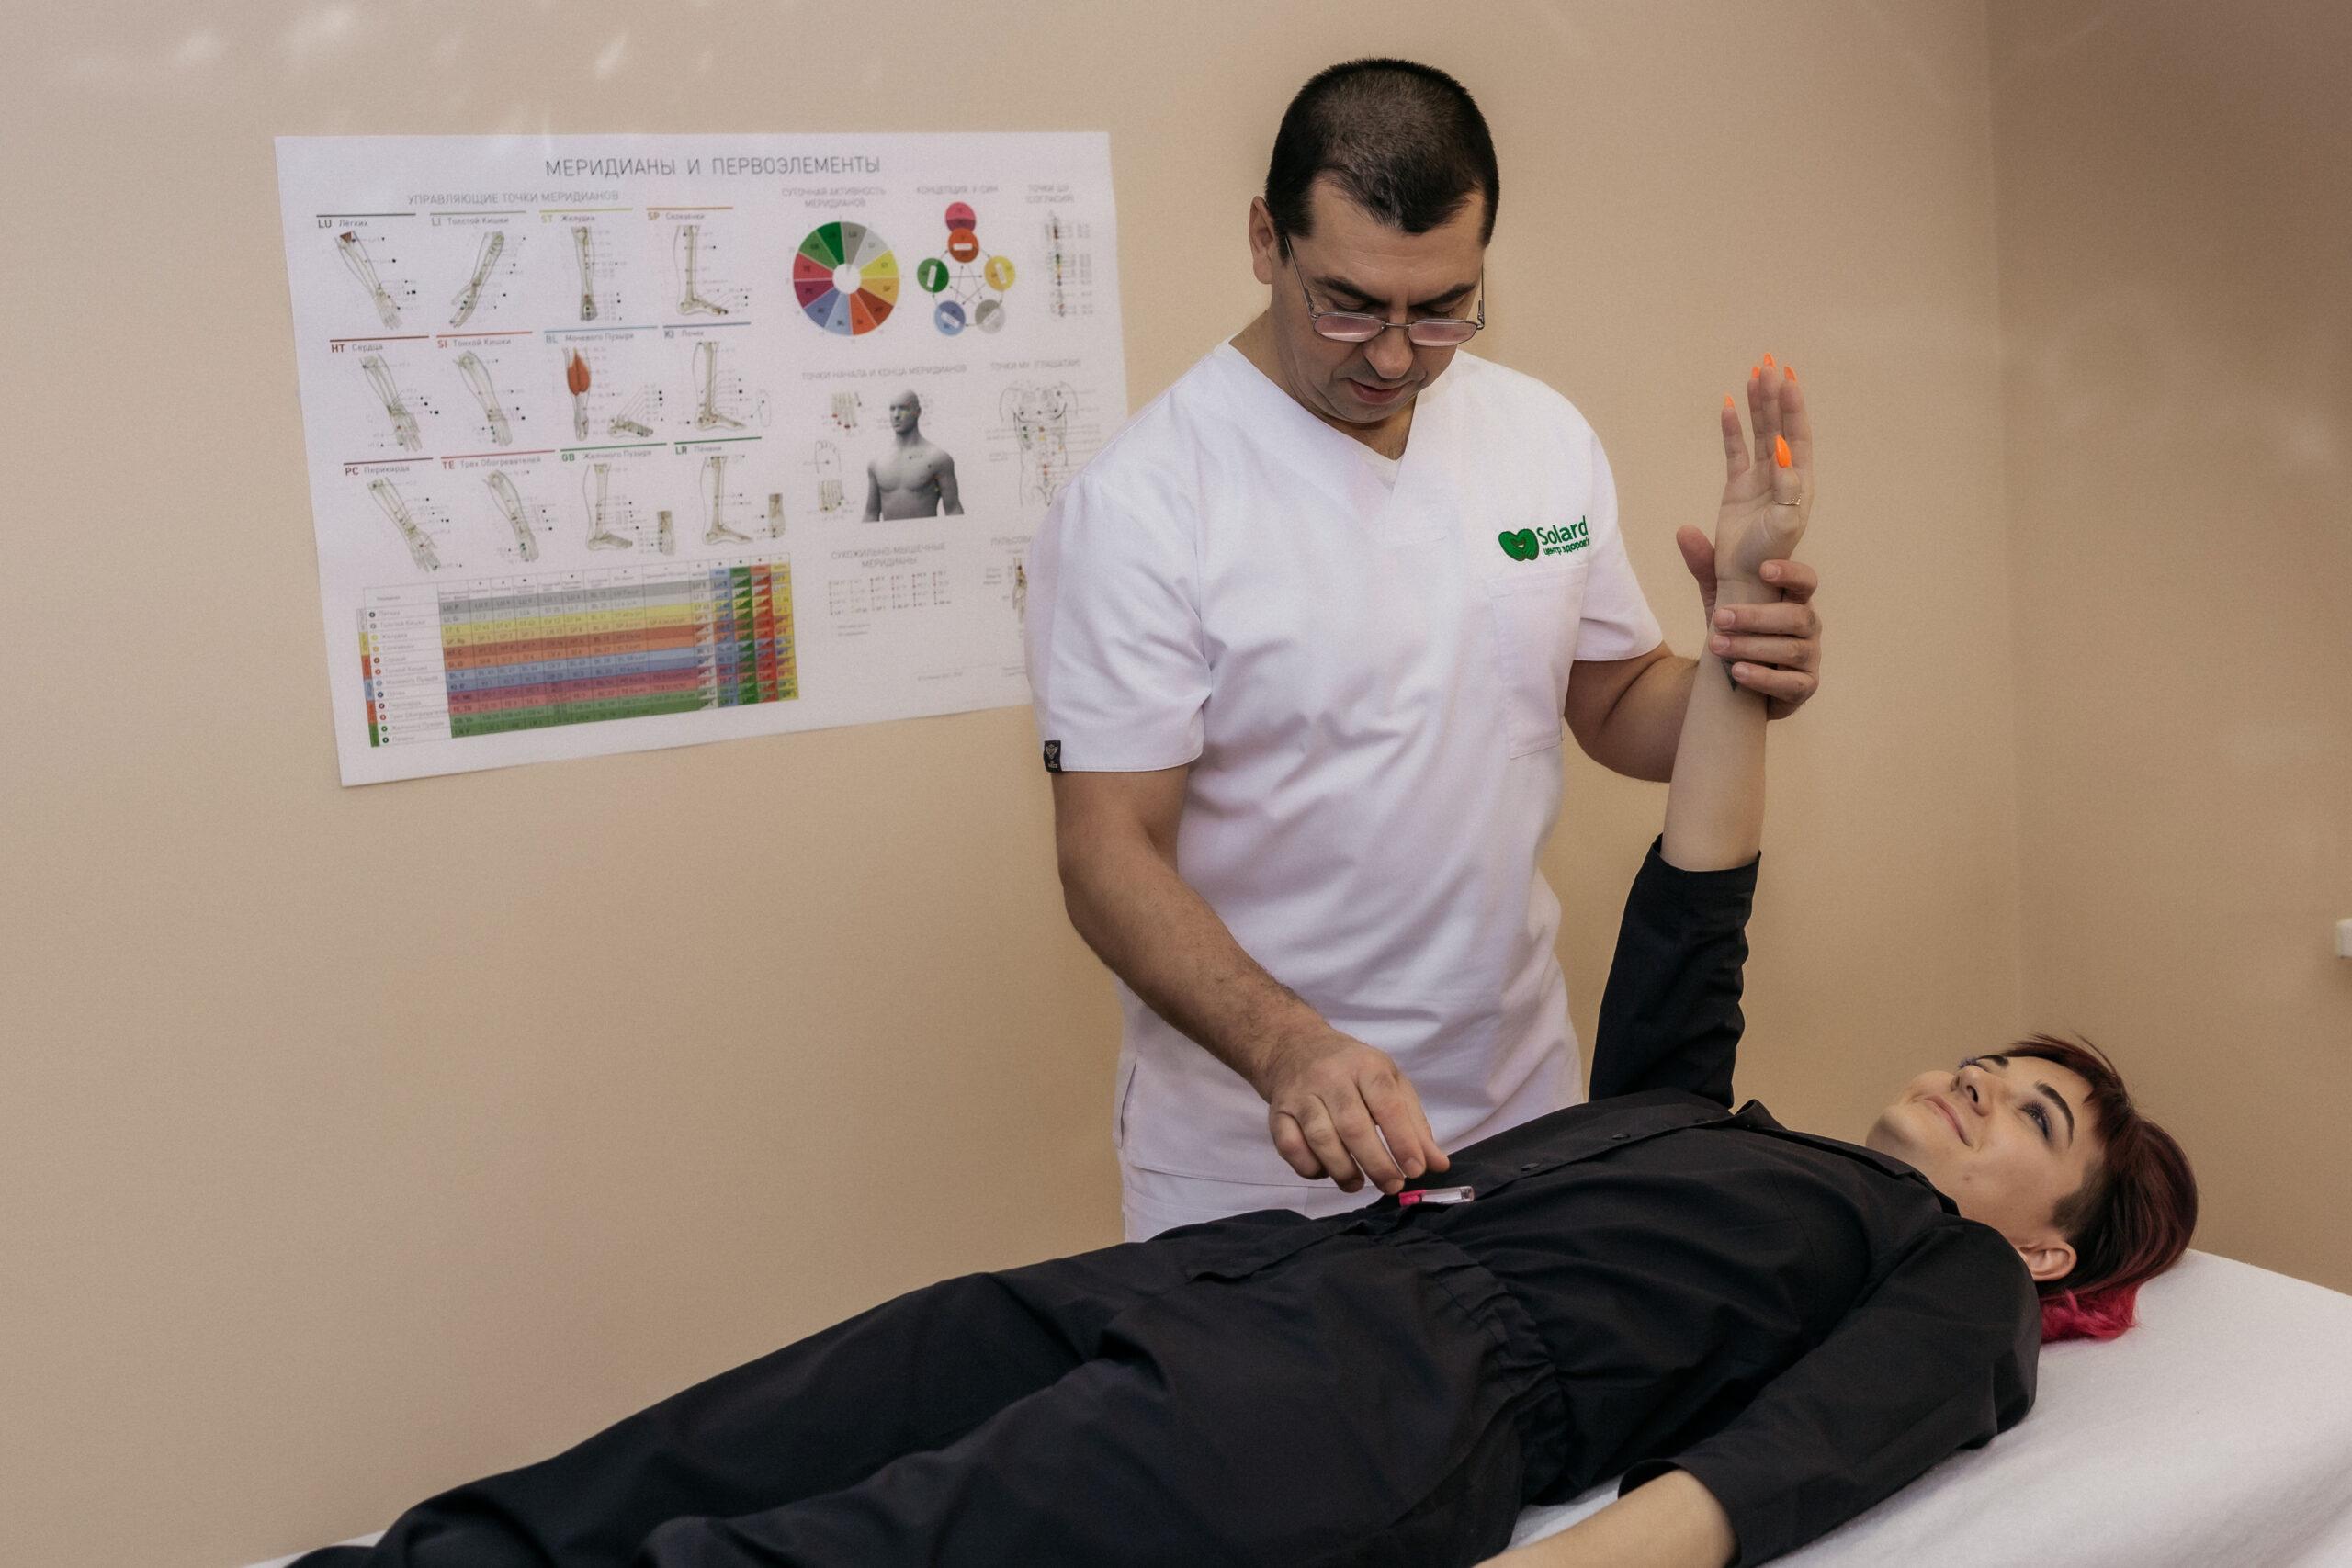 Центр здоров'я Solard - Нарушения работы мочеполовой системы - 5